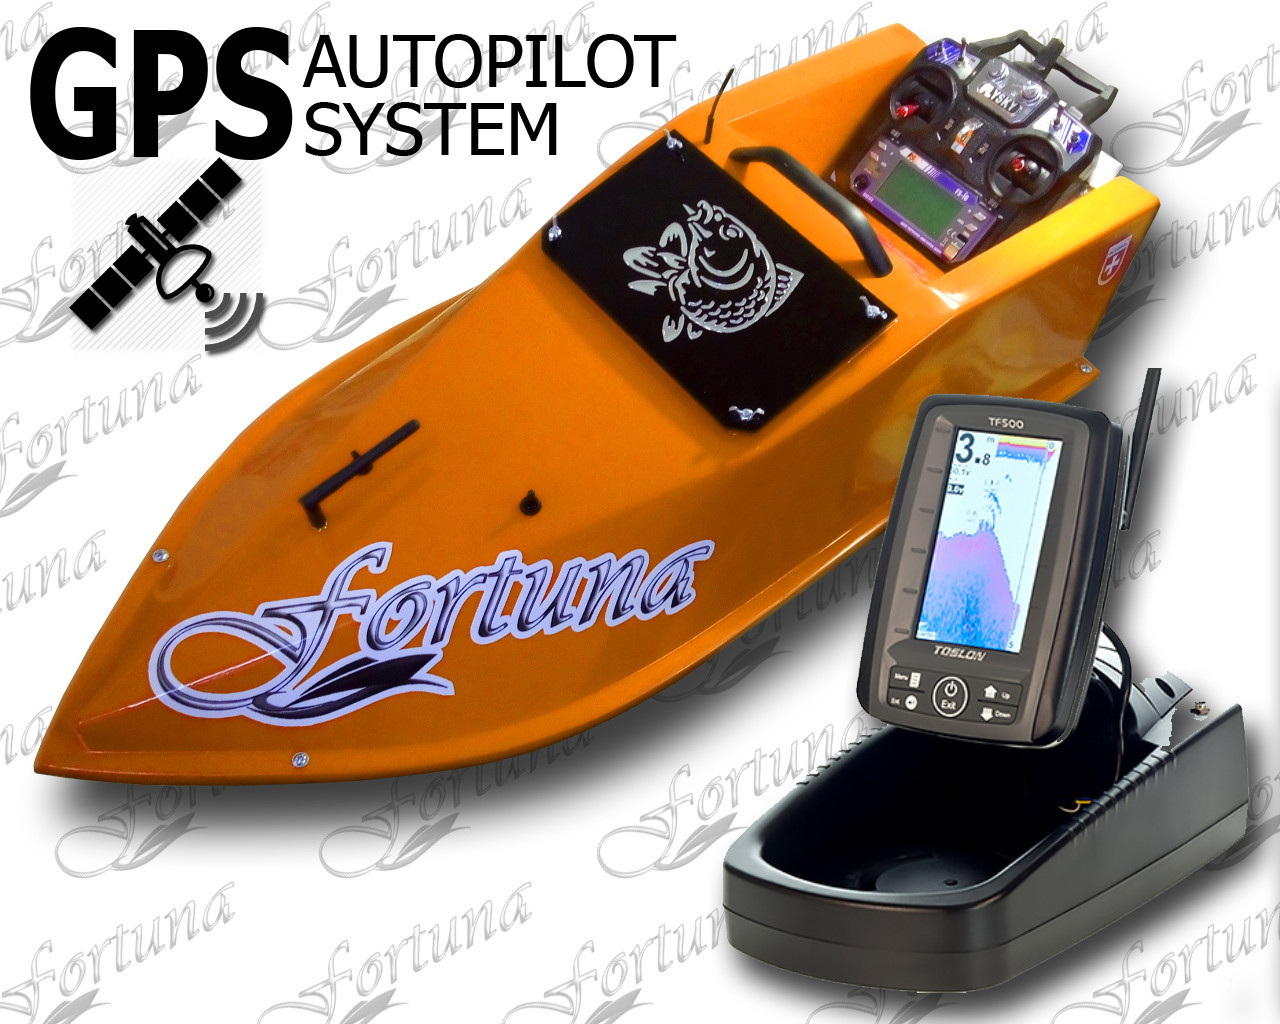 Карповый радиоуправляемый кораблик для завоза корма Фортуна с эхолотом Toslon TF500 и GPS автопилот